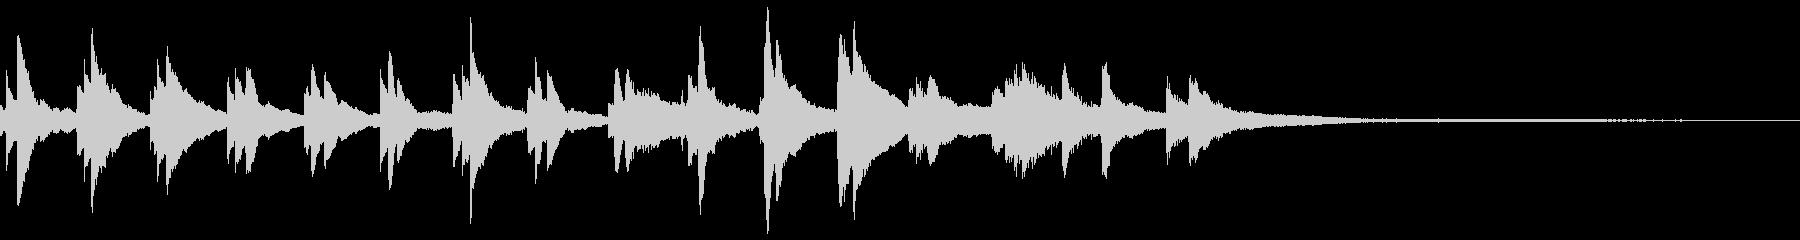 和風のジングル12-ピアノソロの未再生の波形